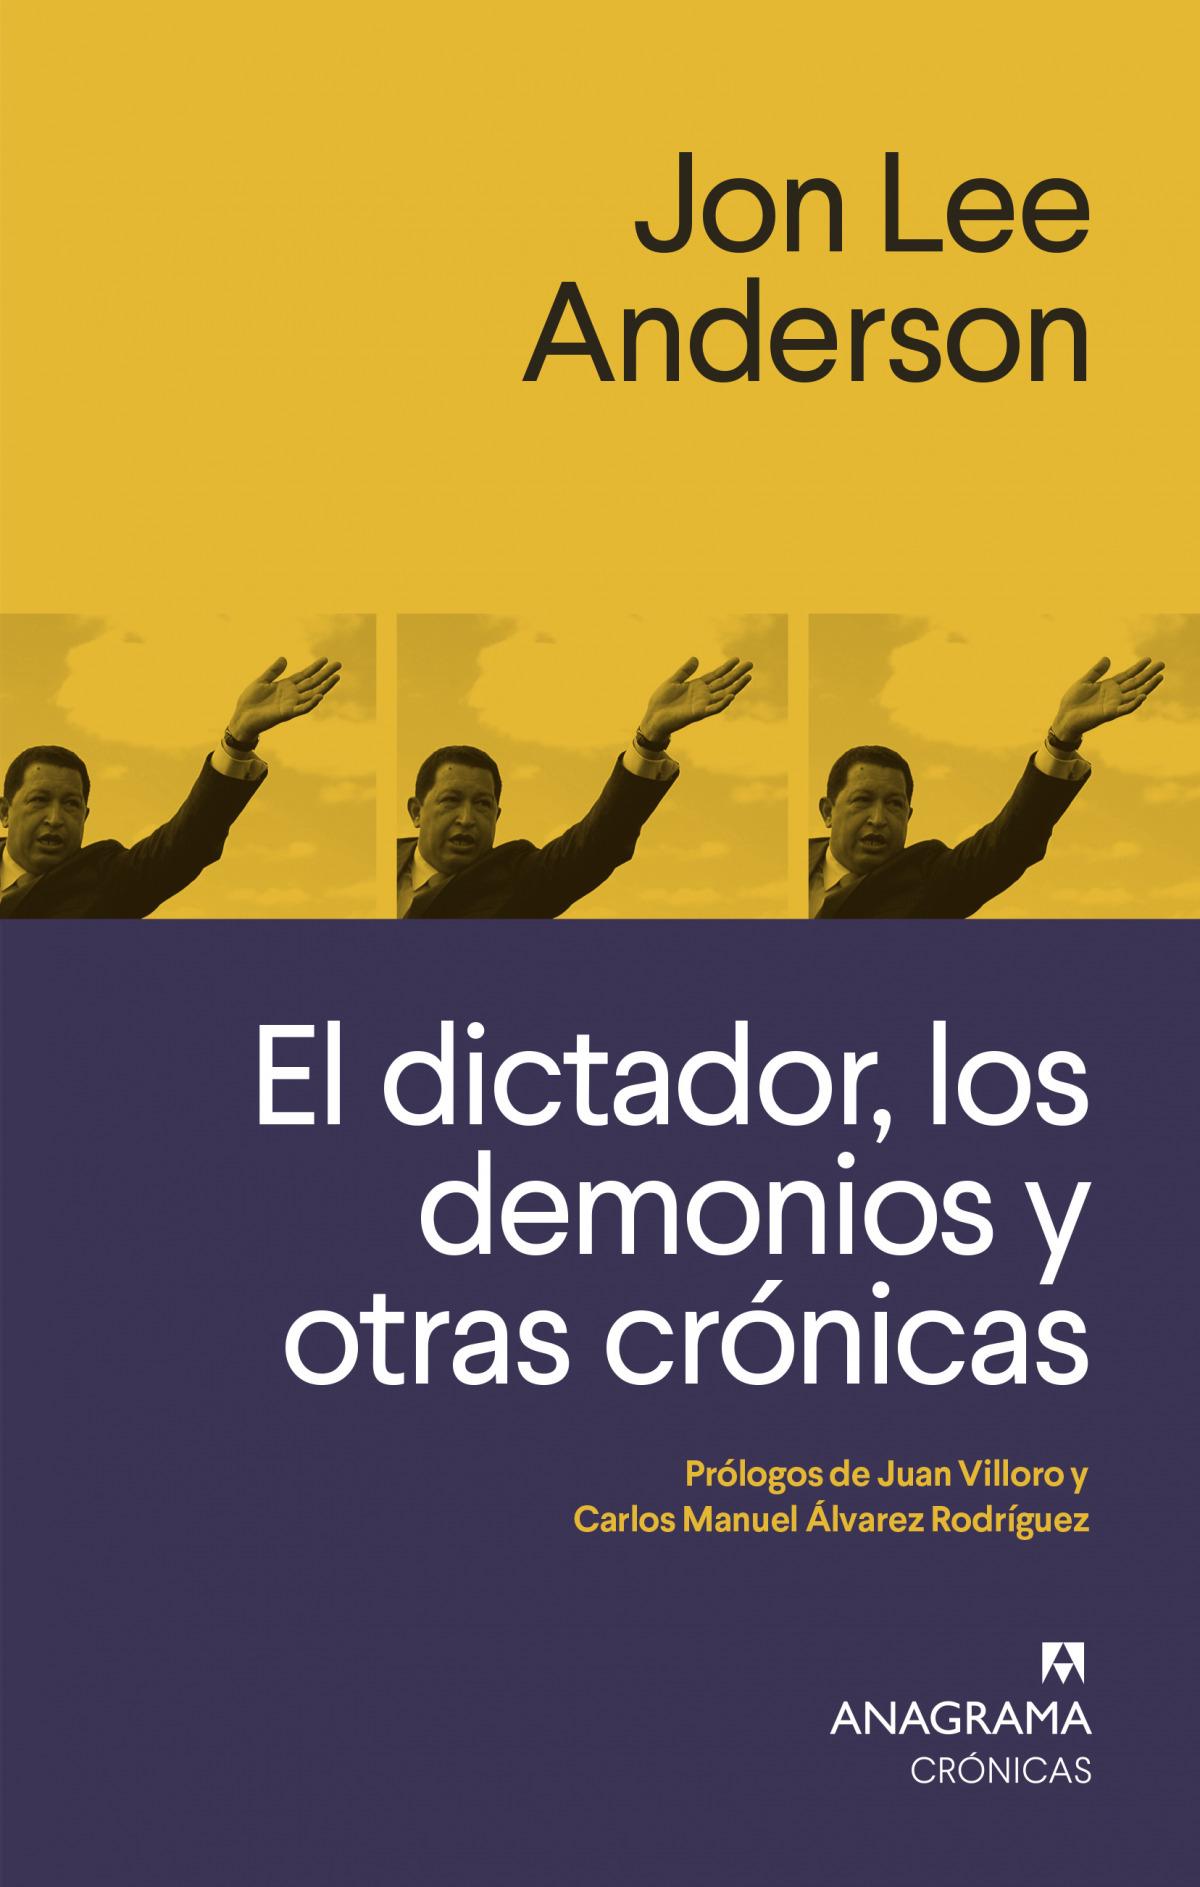 El dictador, los demonios y otras crónicas